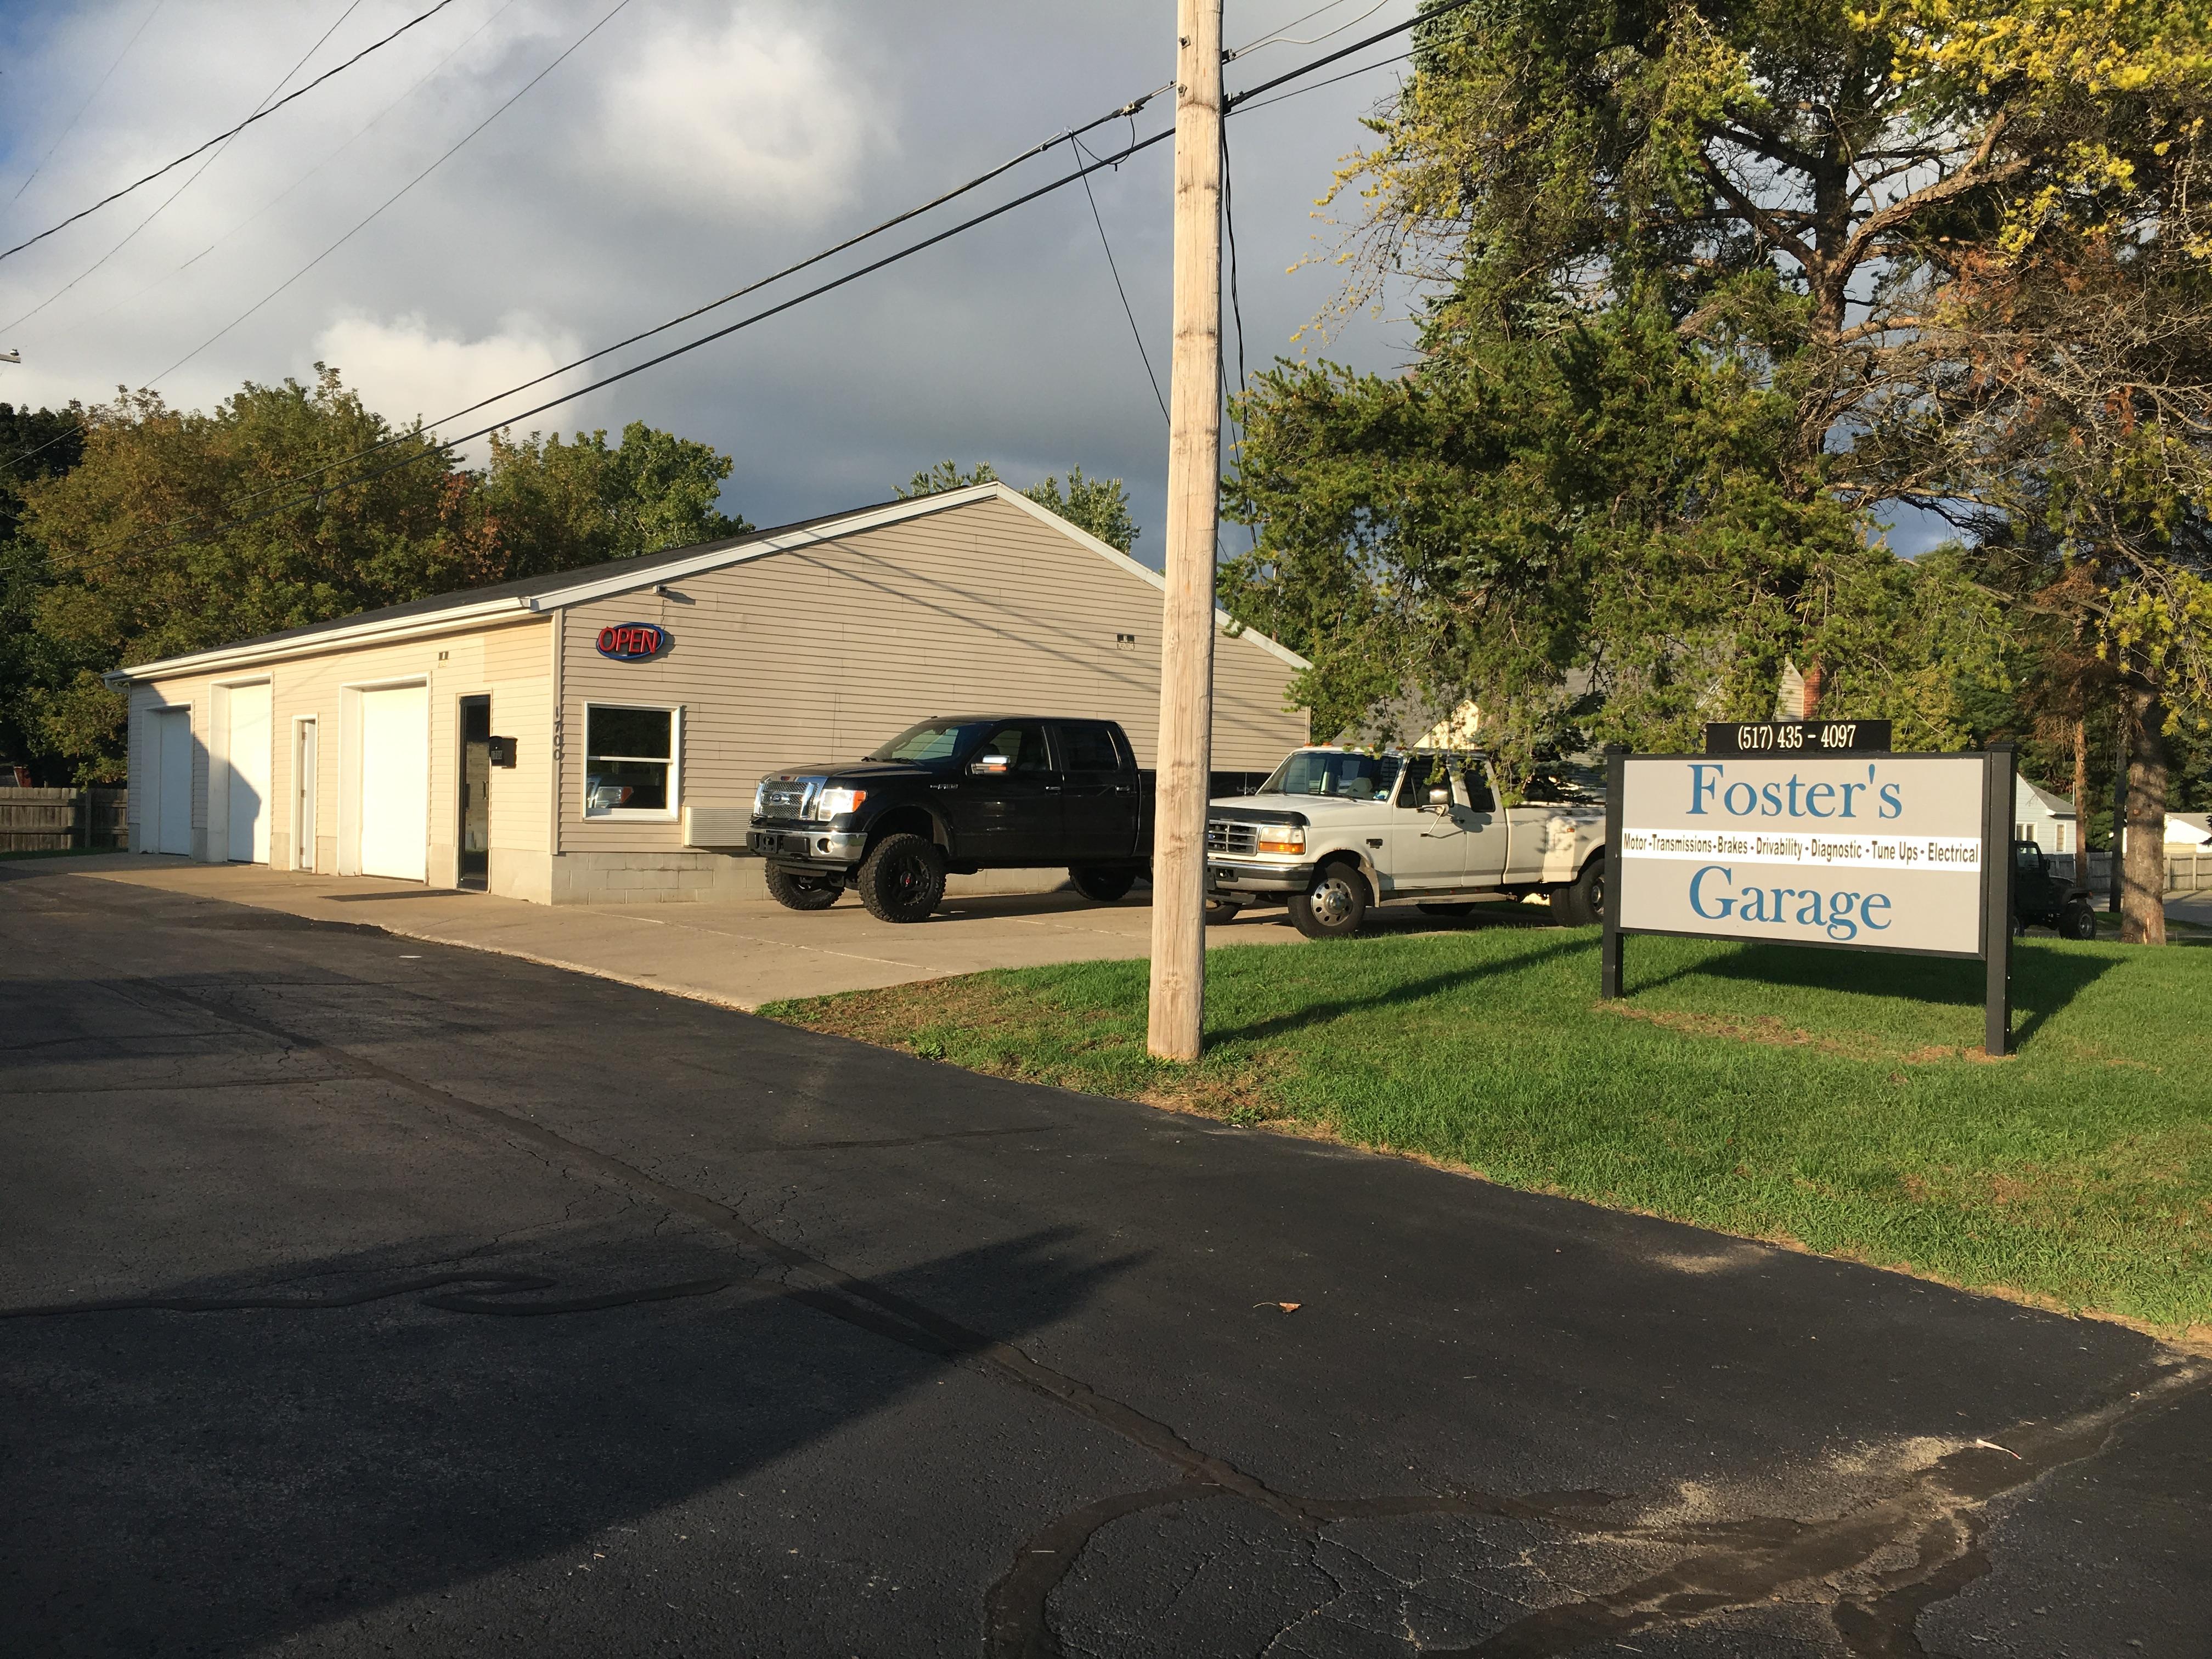 Auto Repair Shop in MI Jackson 49202 Foster's Garage 1700 W. Ganson St.  (517)435-4097